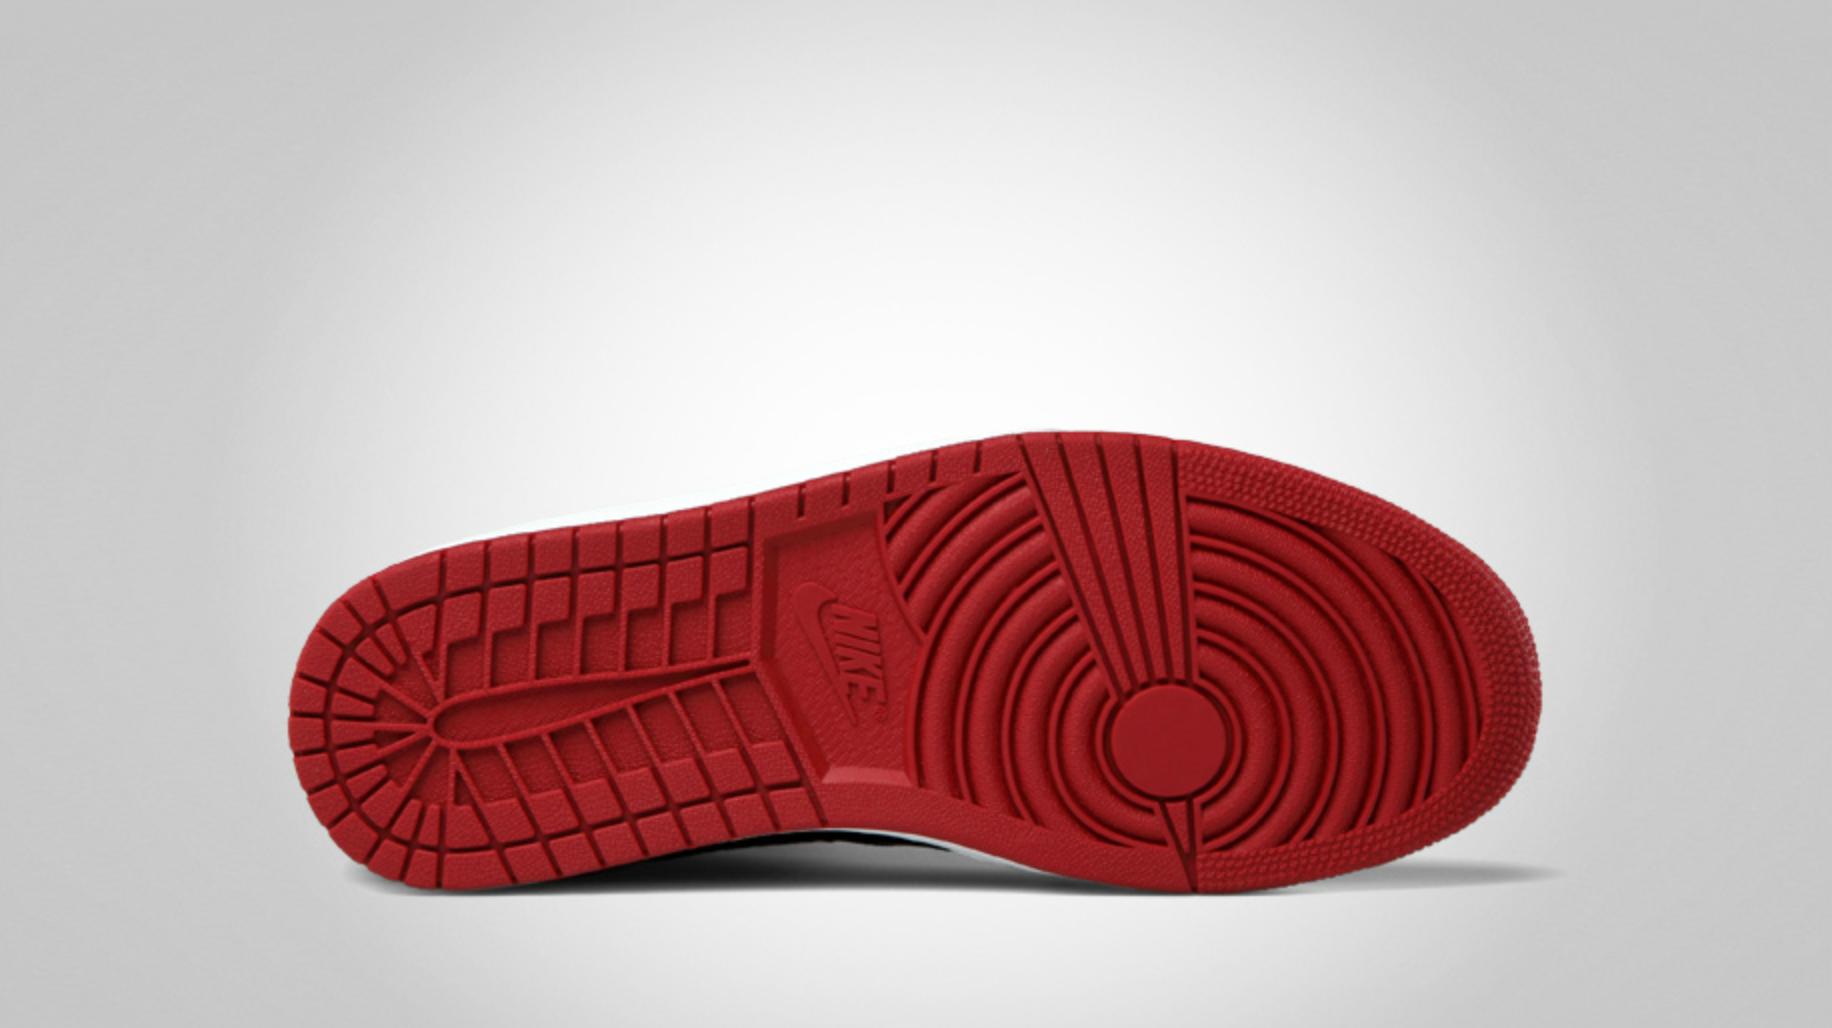 Air Jordan 1 Retro J2K High 'Black/Varsity Red-White' - Official Images